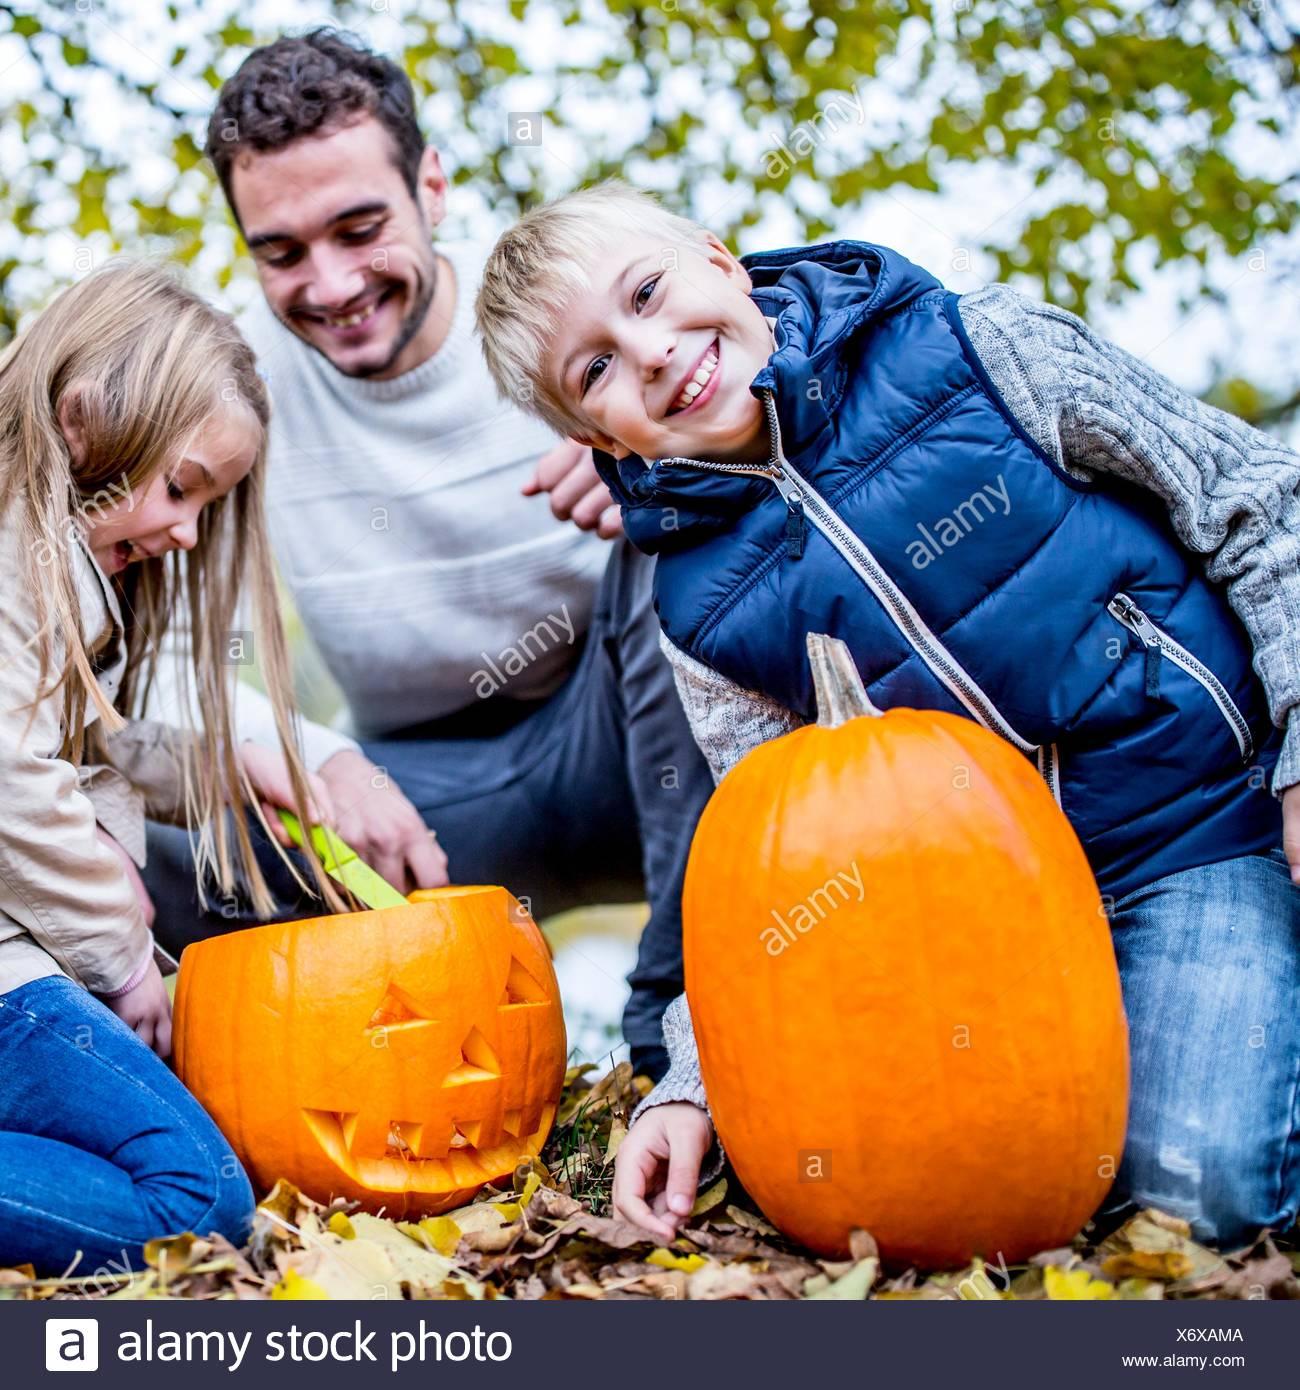 -MODELL VERÖFFENTLICHT. Familie machen Halloween-Kürbis. Stockbild